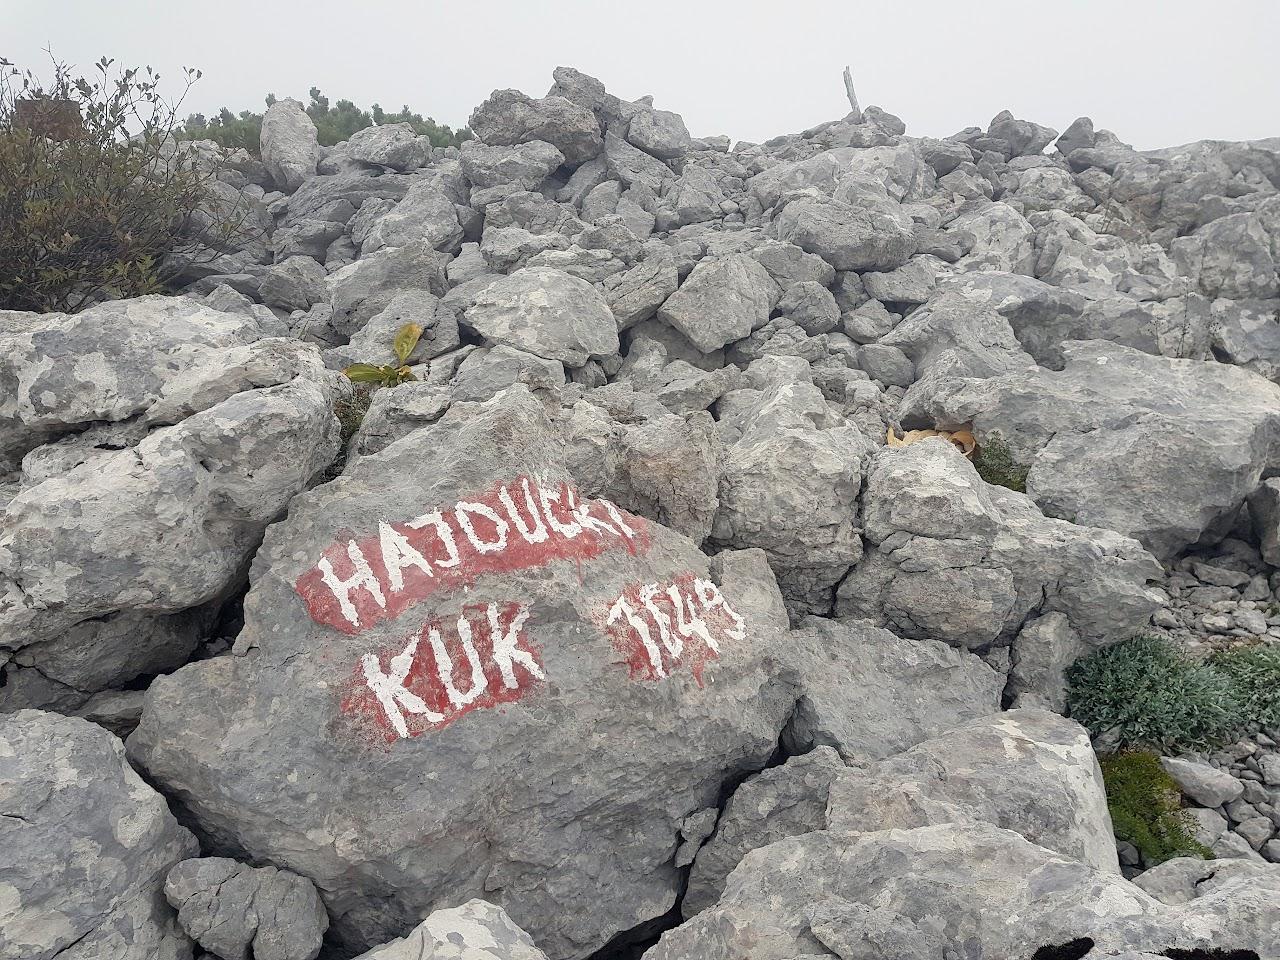 Hajdučki kukovi i Veliki Rajinac - Jesenski Velebit 29.-30.09.2018. - Jesenski Velebit 2018 sl. -022.jpg